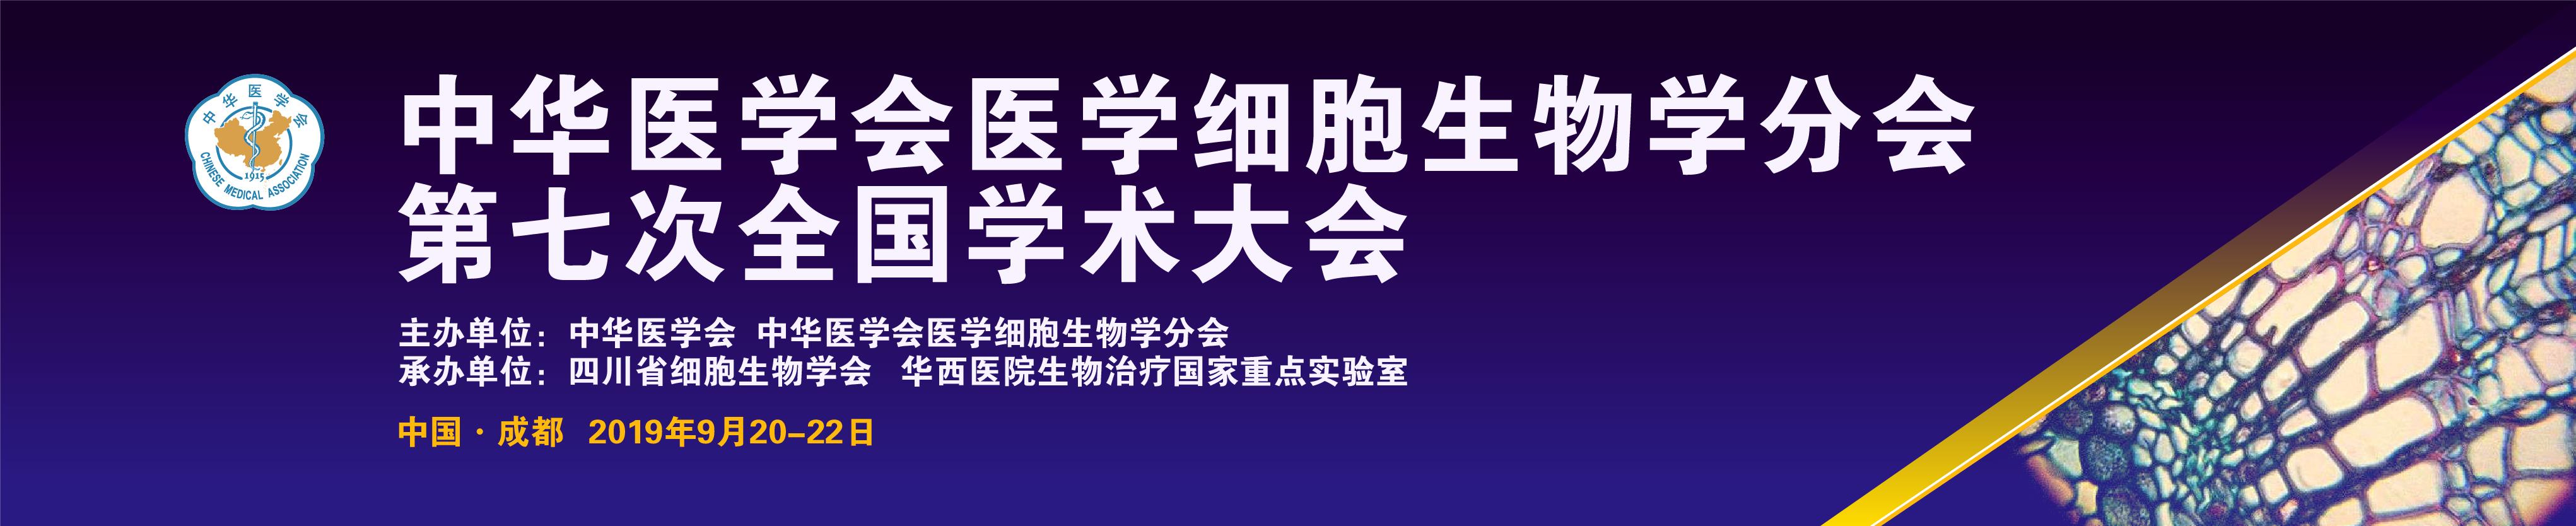 中华医学会医学细胞生物学分会第七次全国学术大会